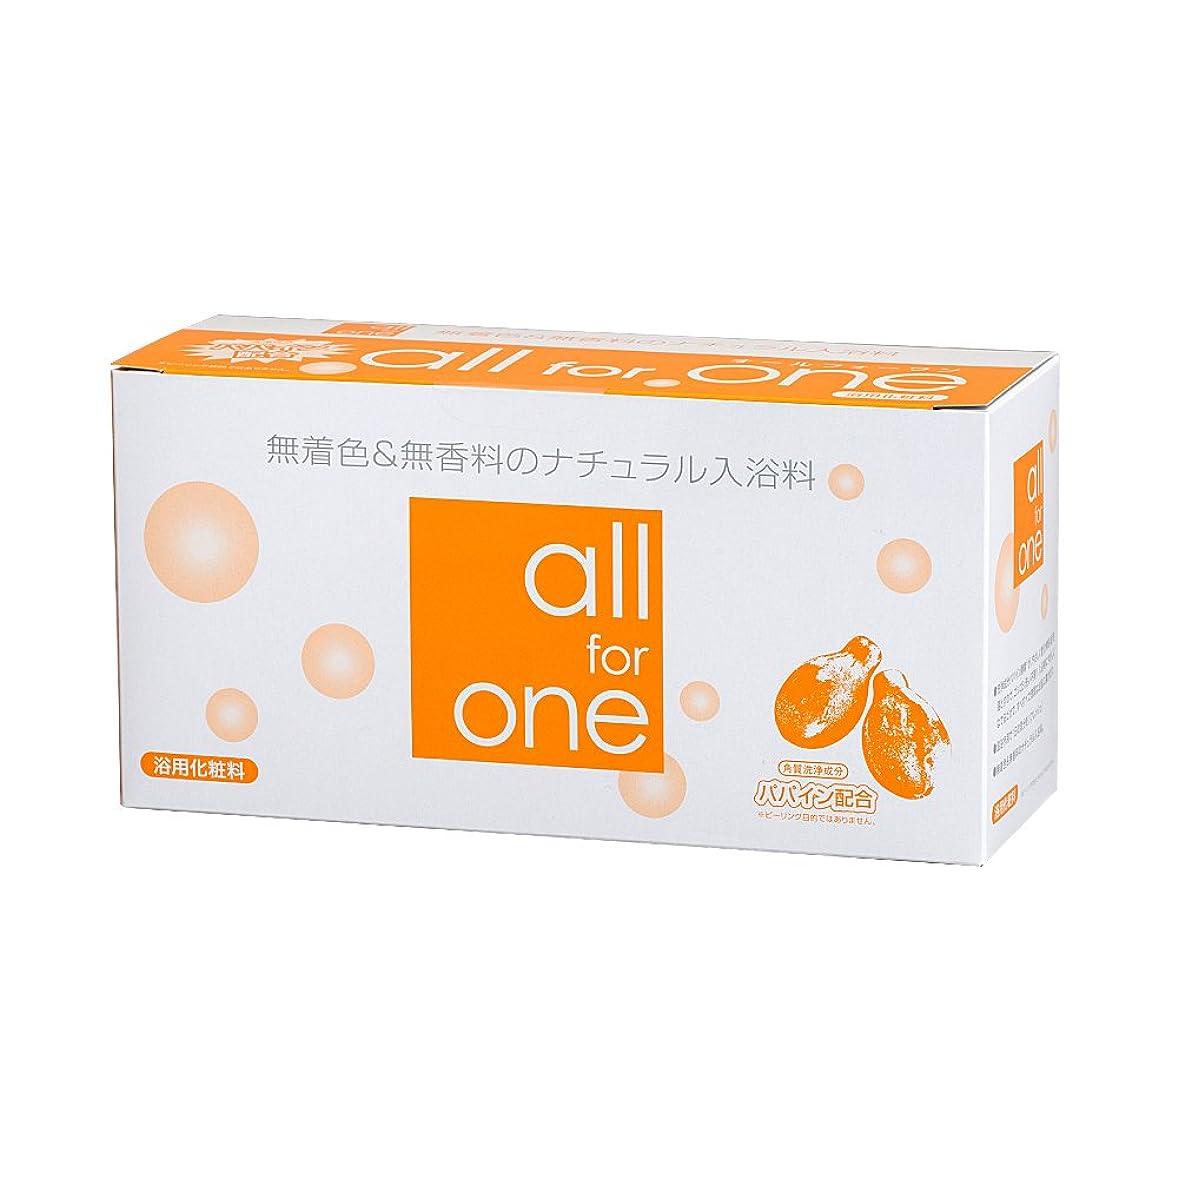 連帯原告ドアミラーパパイン酵素配合 無着色&無香料 ナチュラル入浴剤 all for one 30包